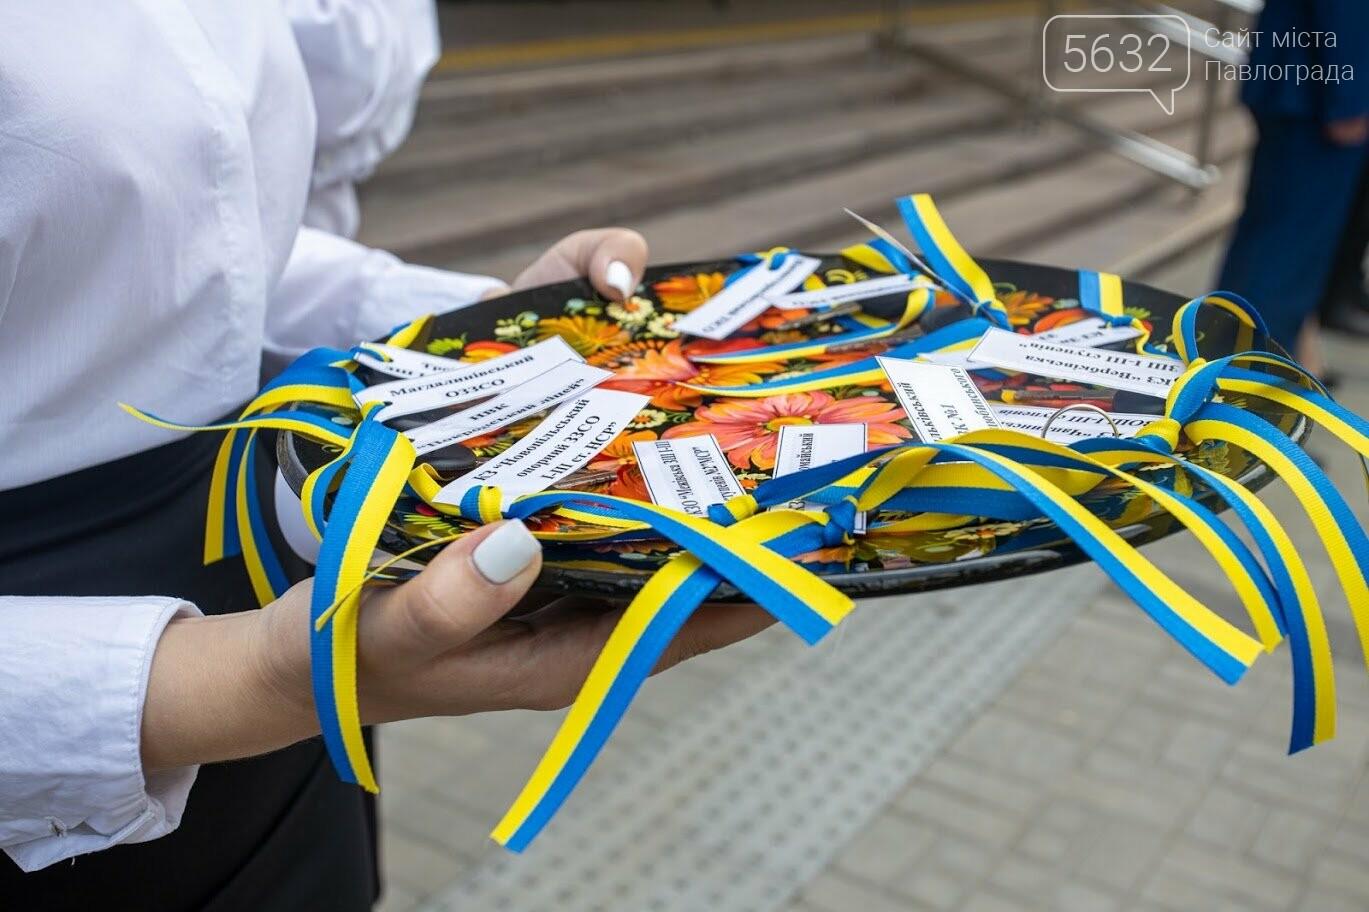 13 новых школьных автобусов отправились в сельские учебные учреждения Днепропетровщины (ФОТО), фото-2